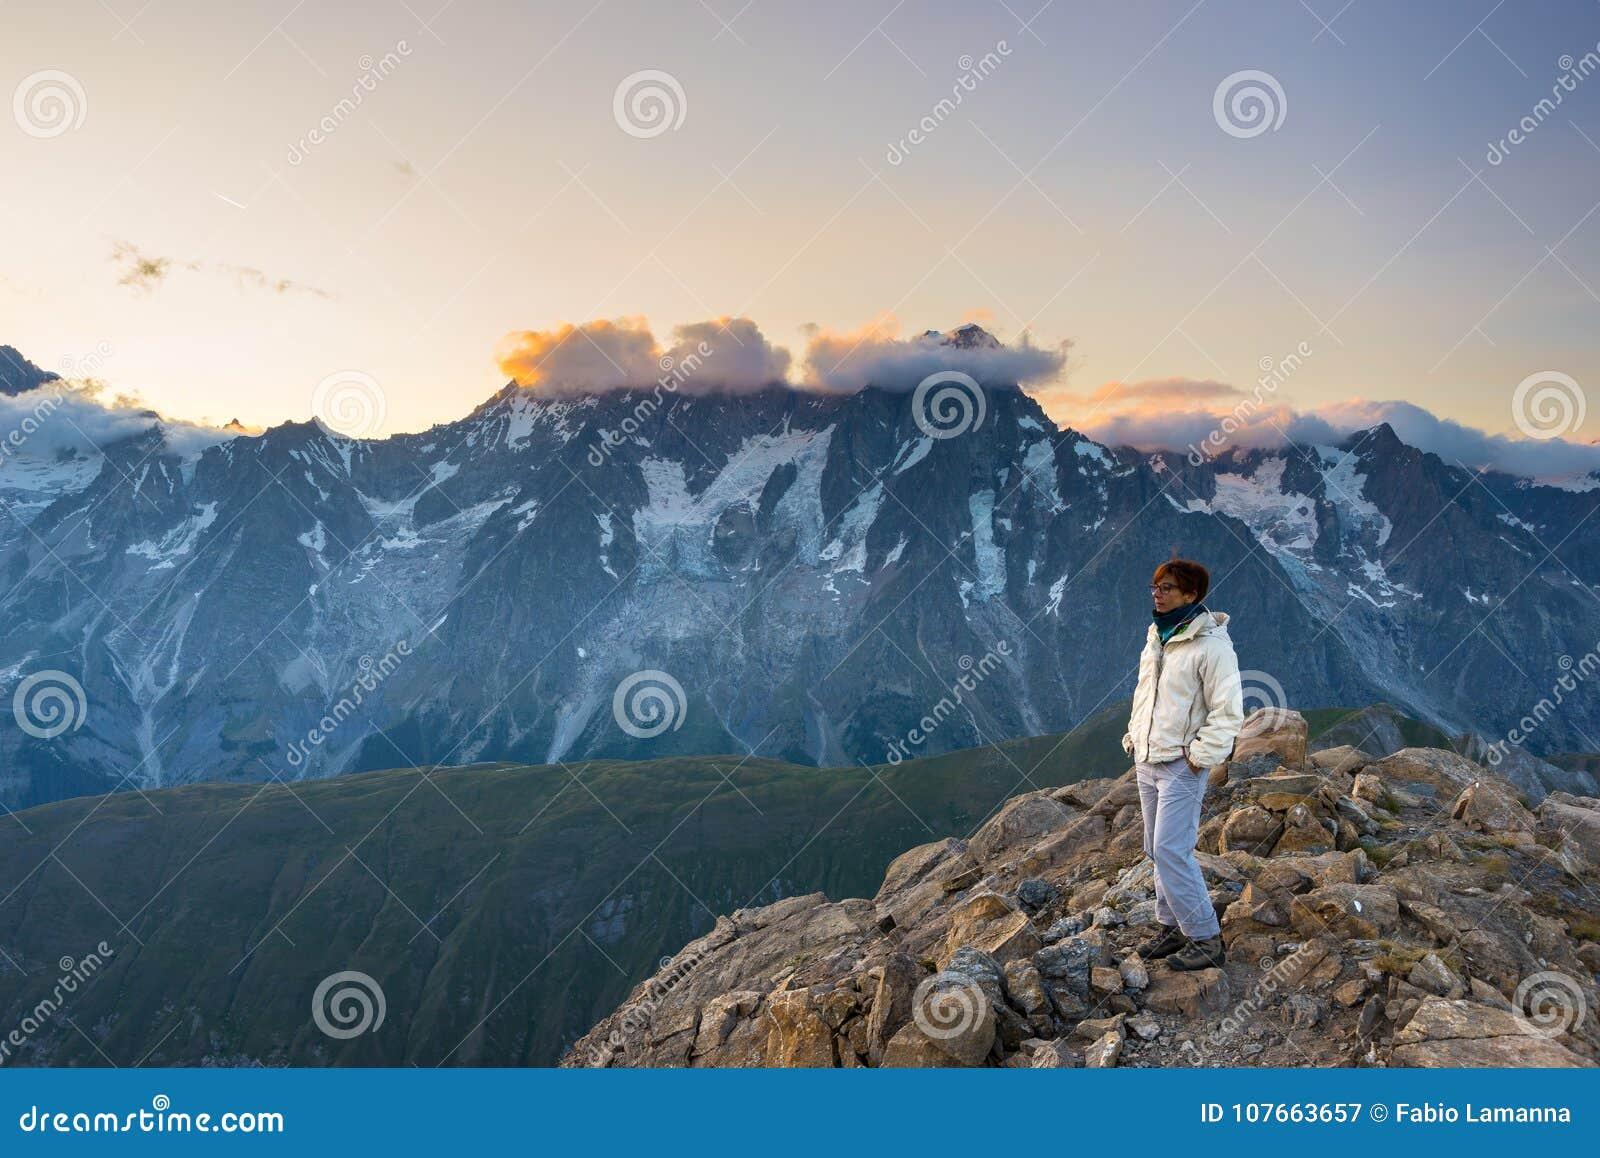 Ζαλίζοντας ανατολή προσοχής γυναικών πέρα από τις κοιλάδες, τις κορυφογραμμές και τις αιχμές βουνών Ευρεία άποψη γωνίας από 3000